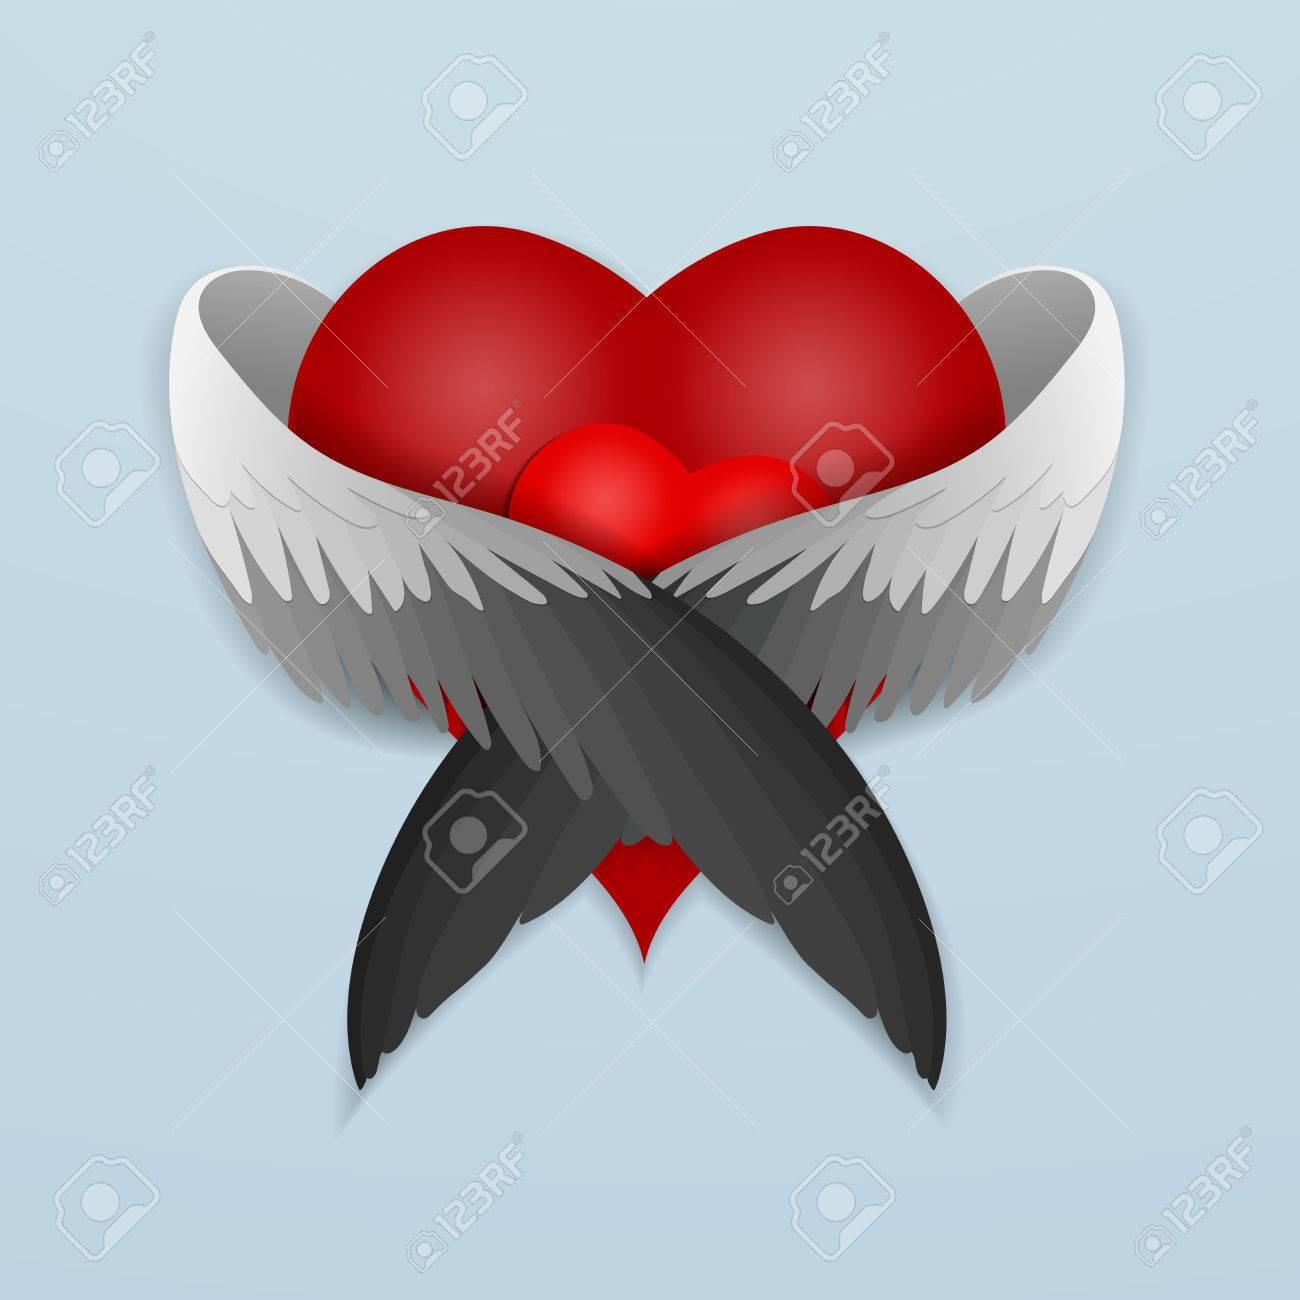 El Corazón Rojo Con Alas Abrazando Con Amor Del Corazón